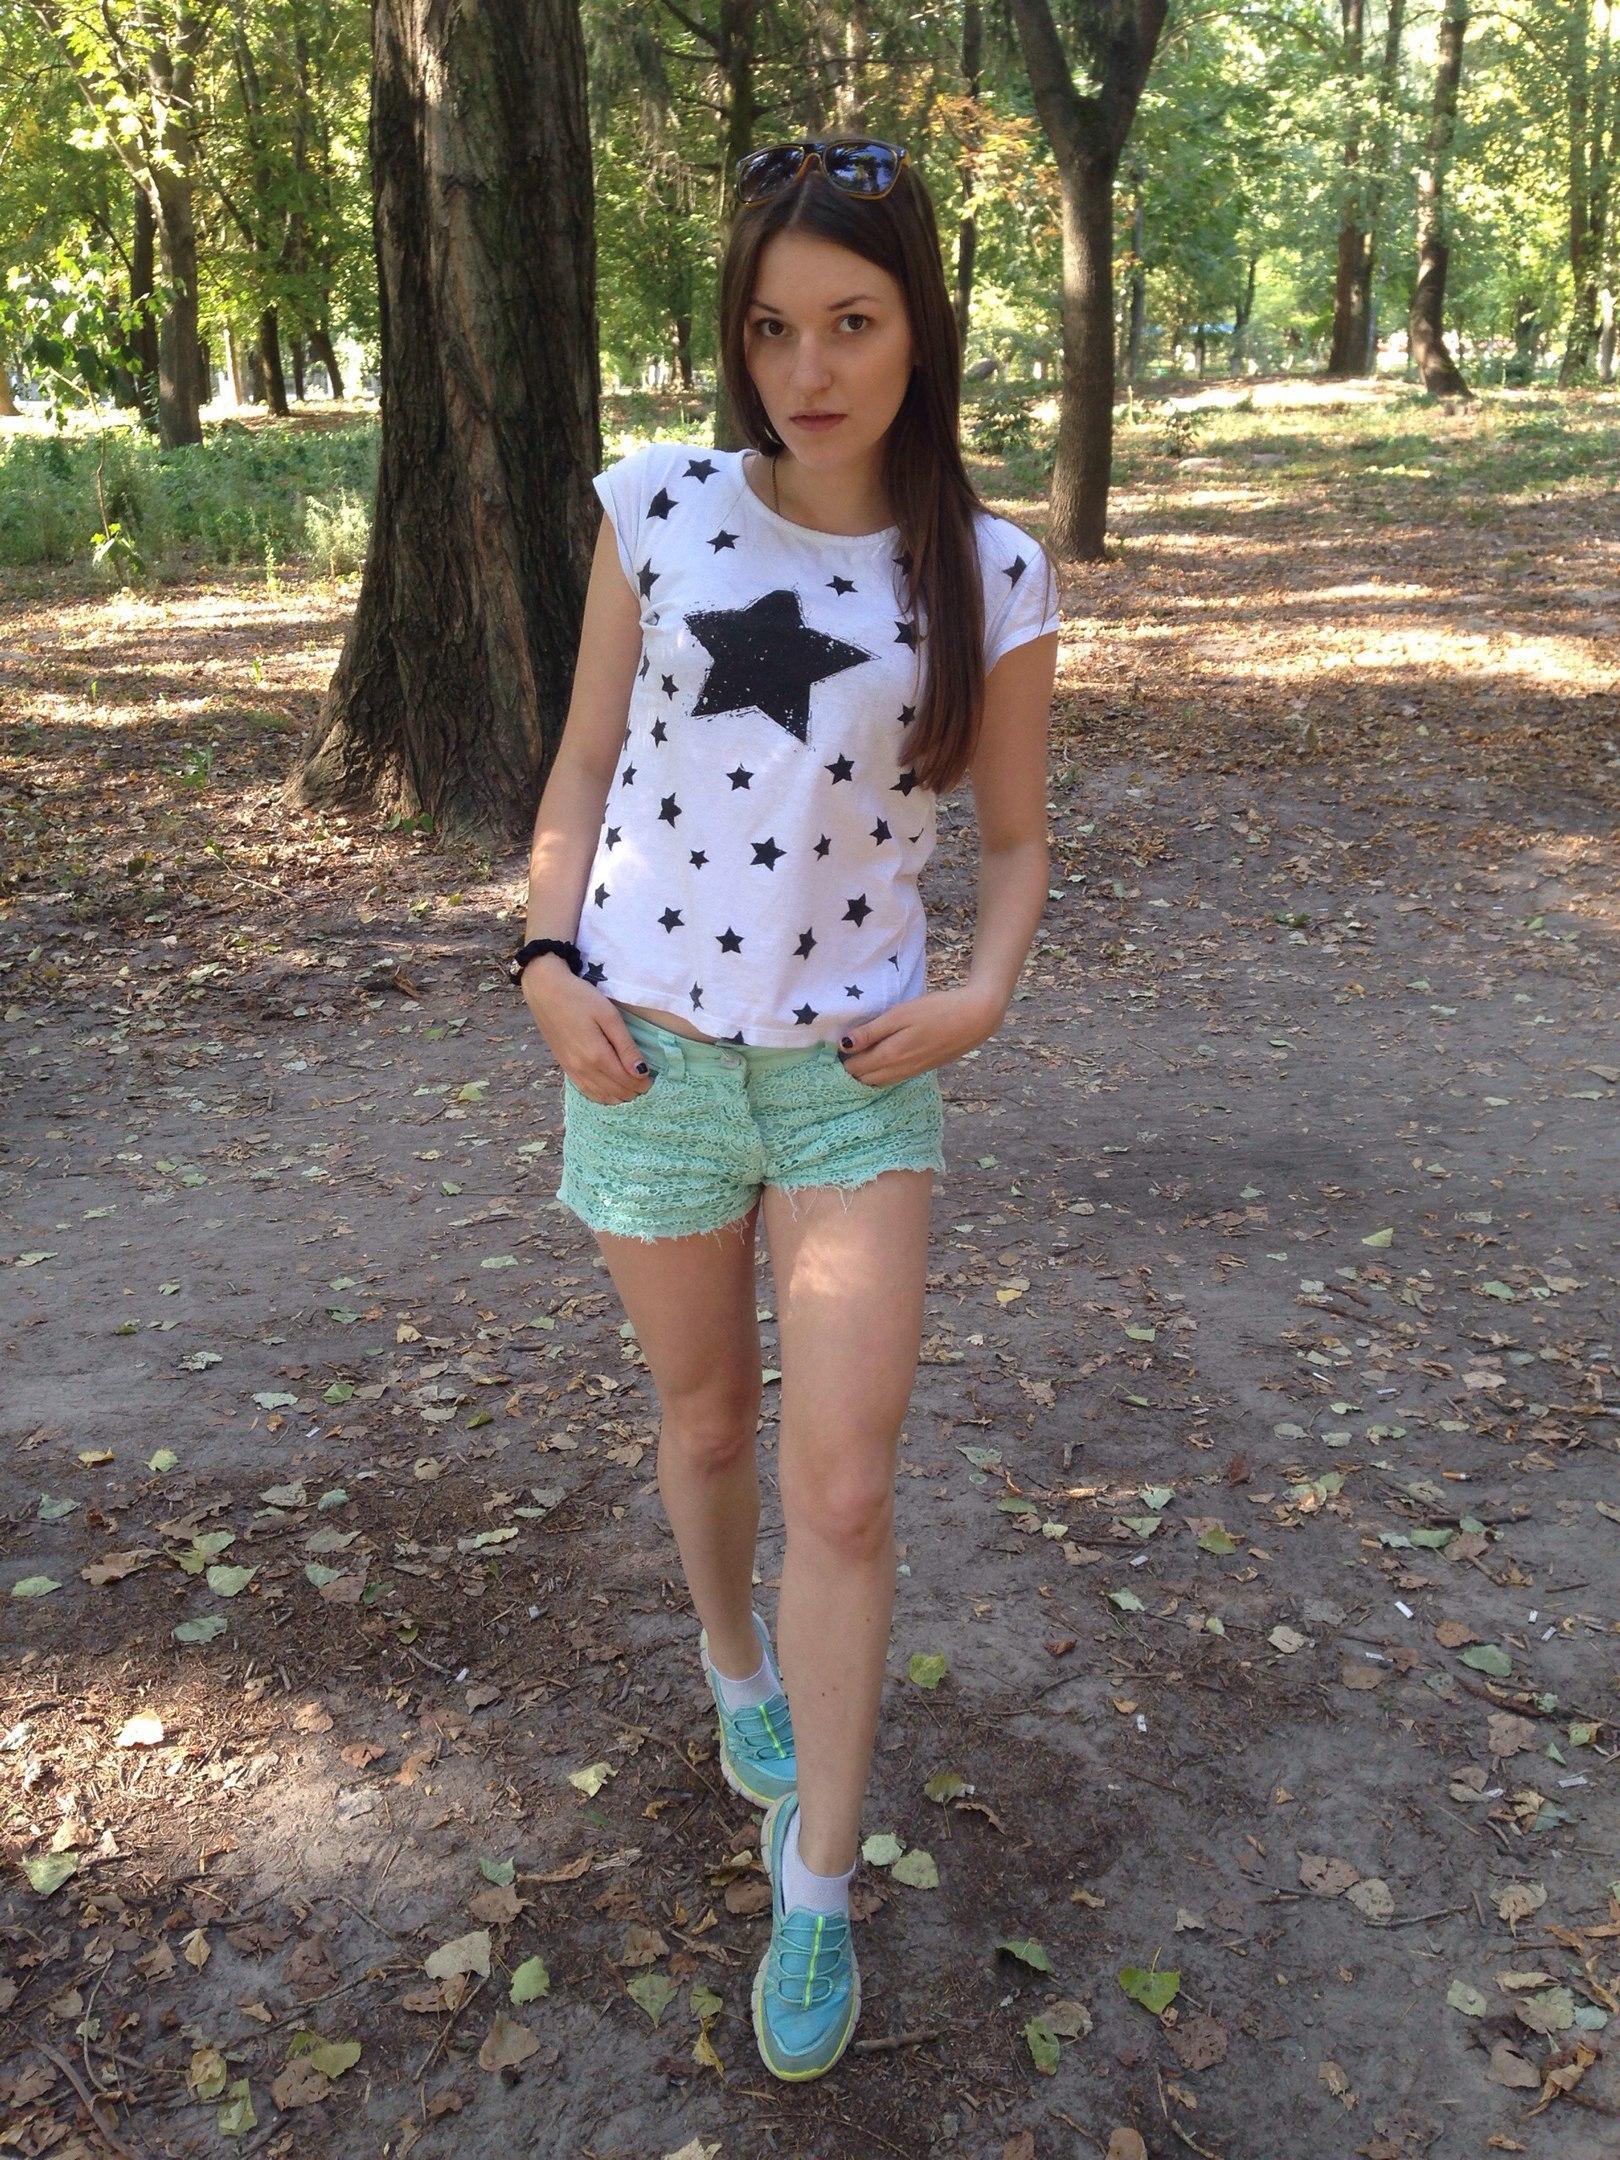 Темноволосая девчонка в коротких шортах